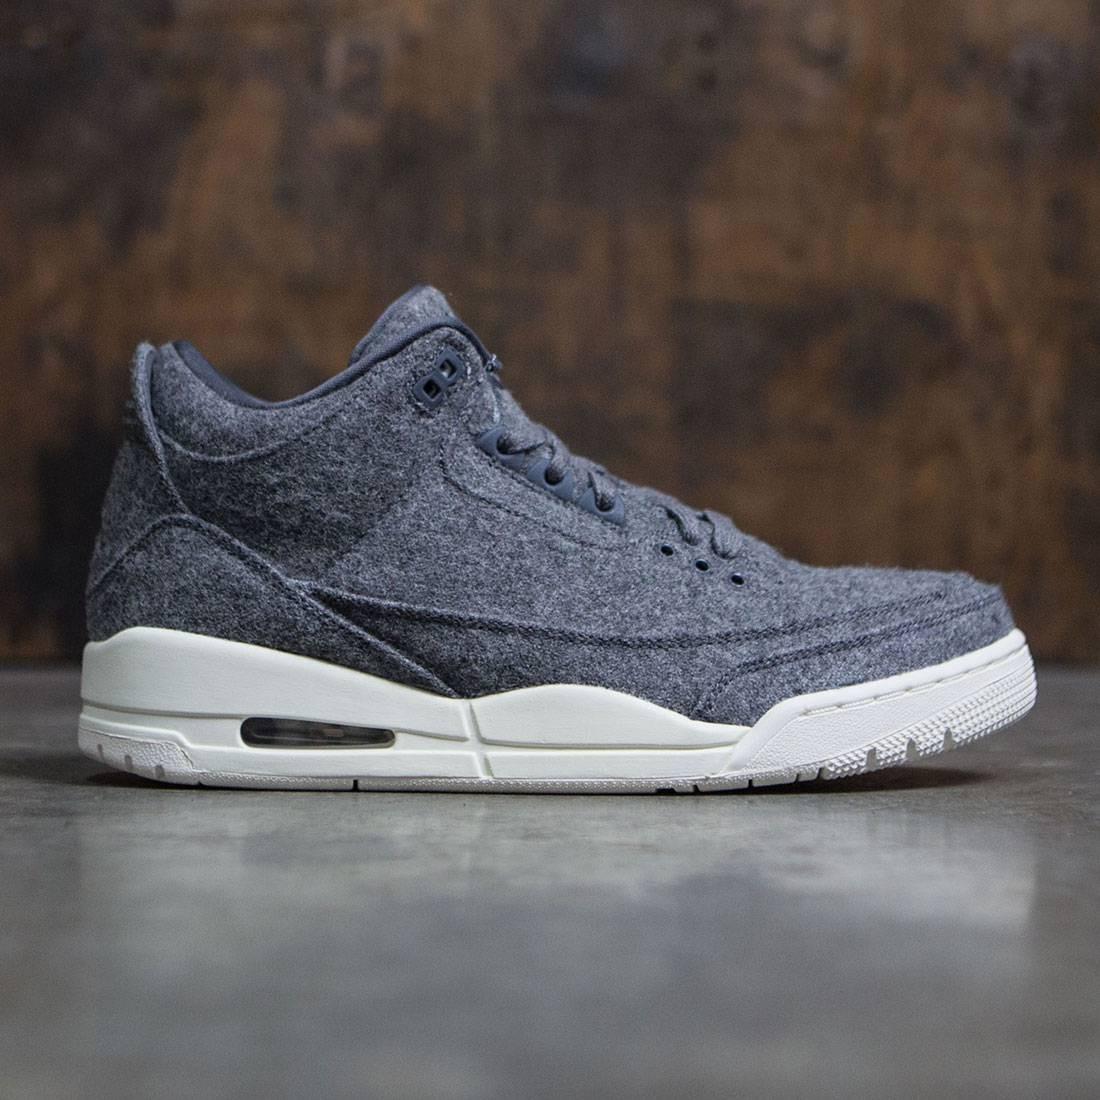 71d29cce97d9b4 Jordan Men Air Jordan 3 Retro Wool (dark grey   dark grey-sail)